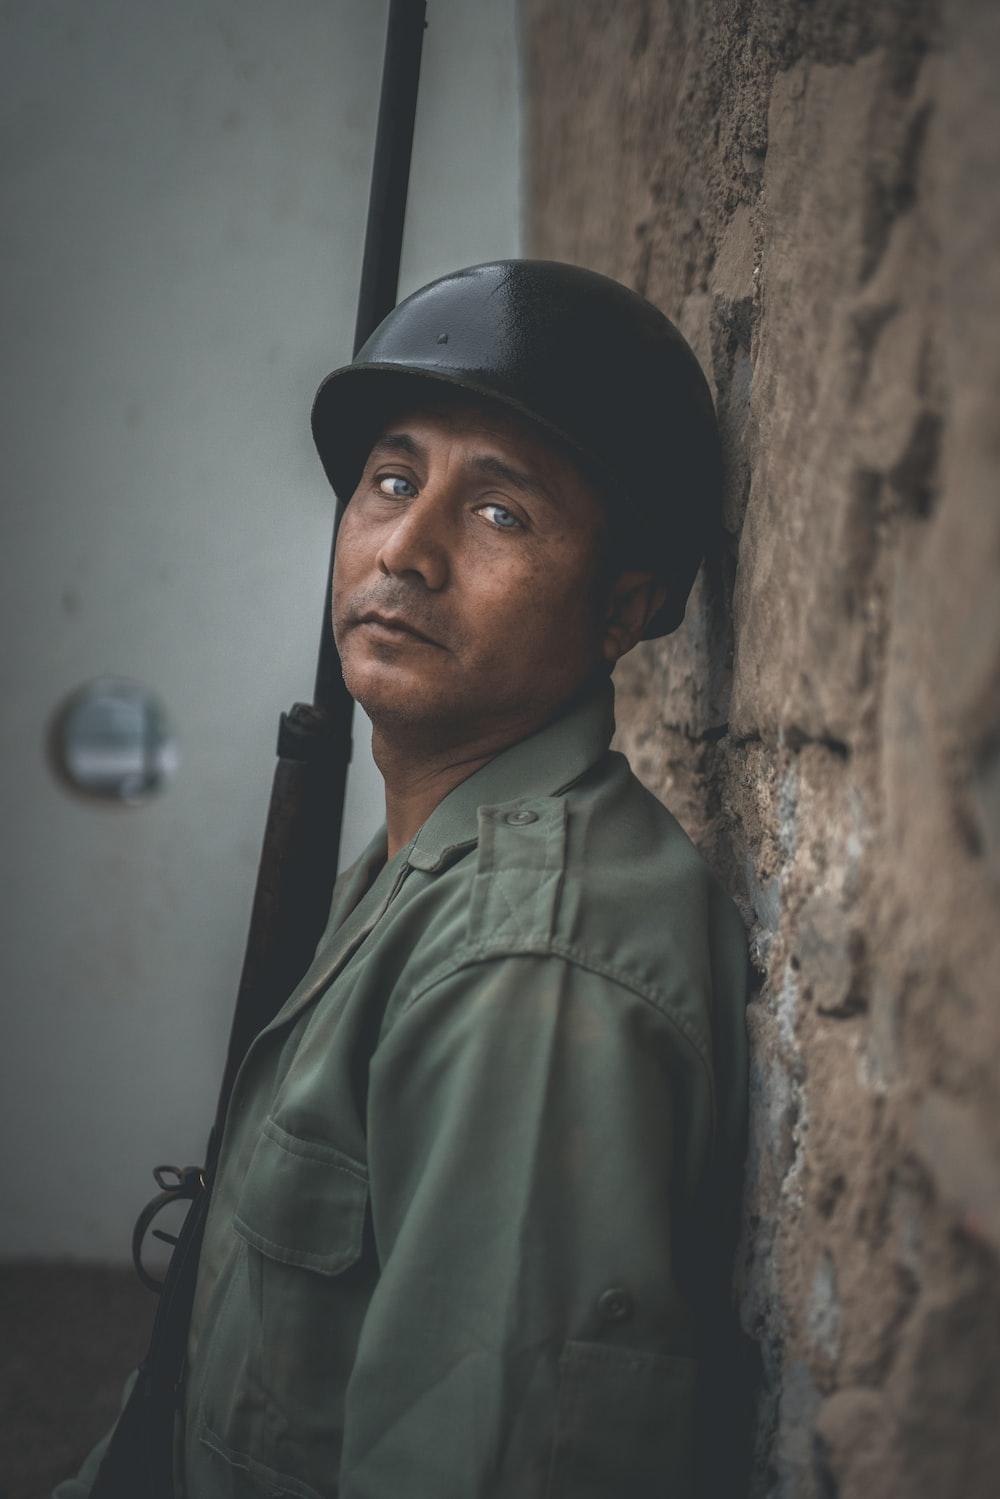 man wearing black hard hat while holding rifle